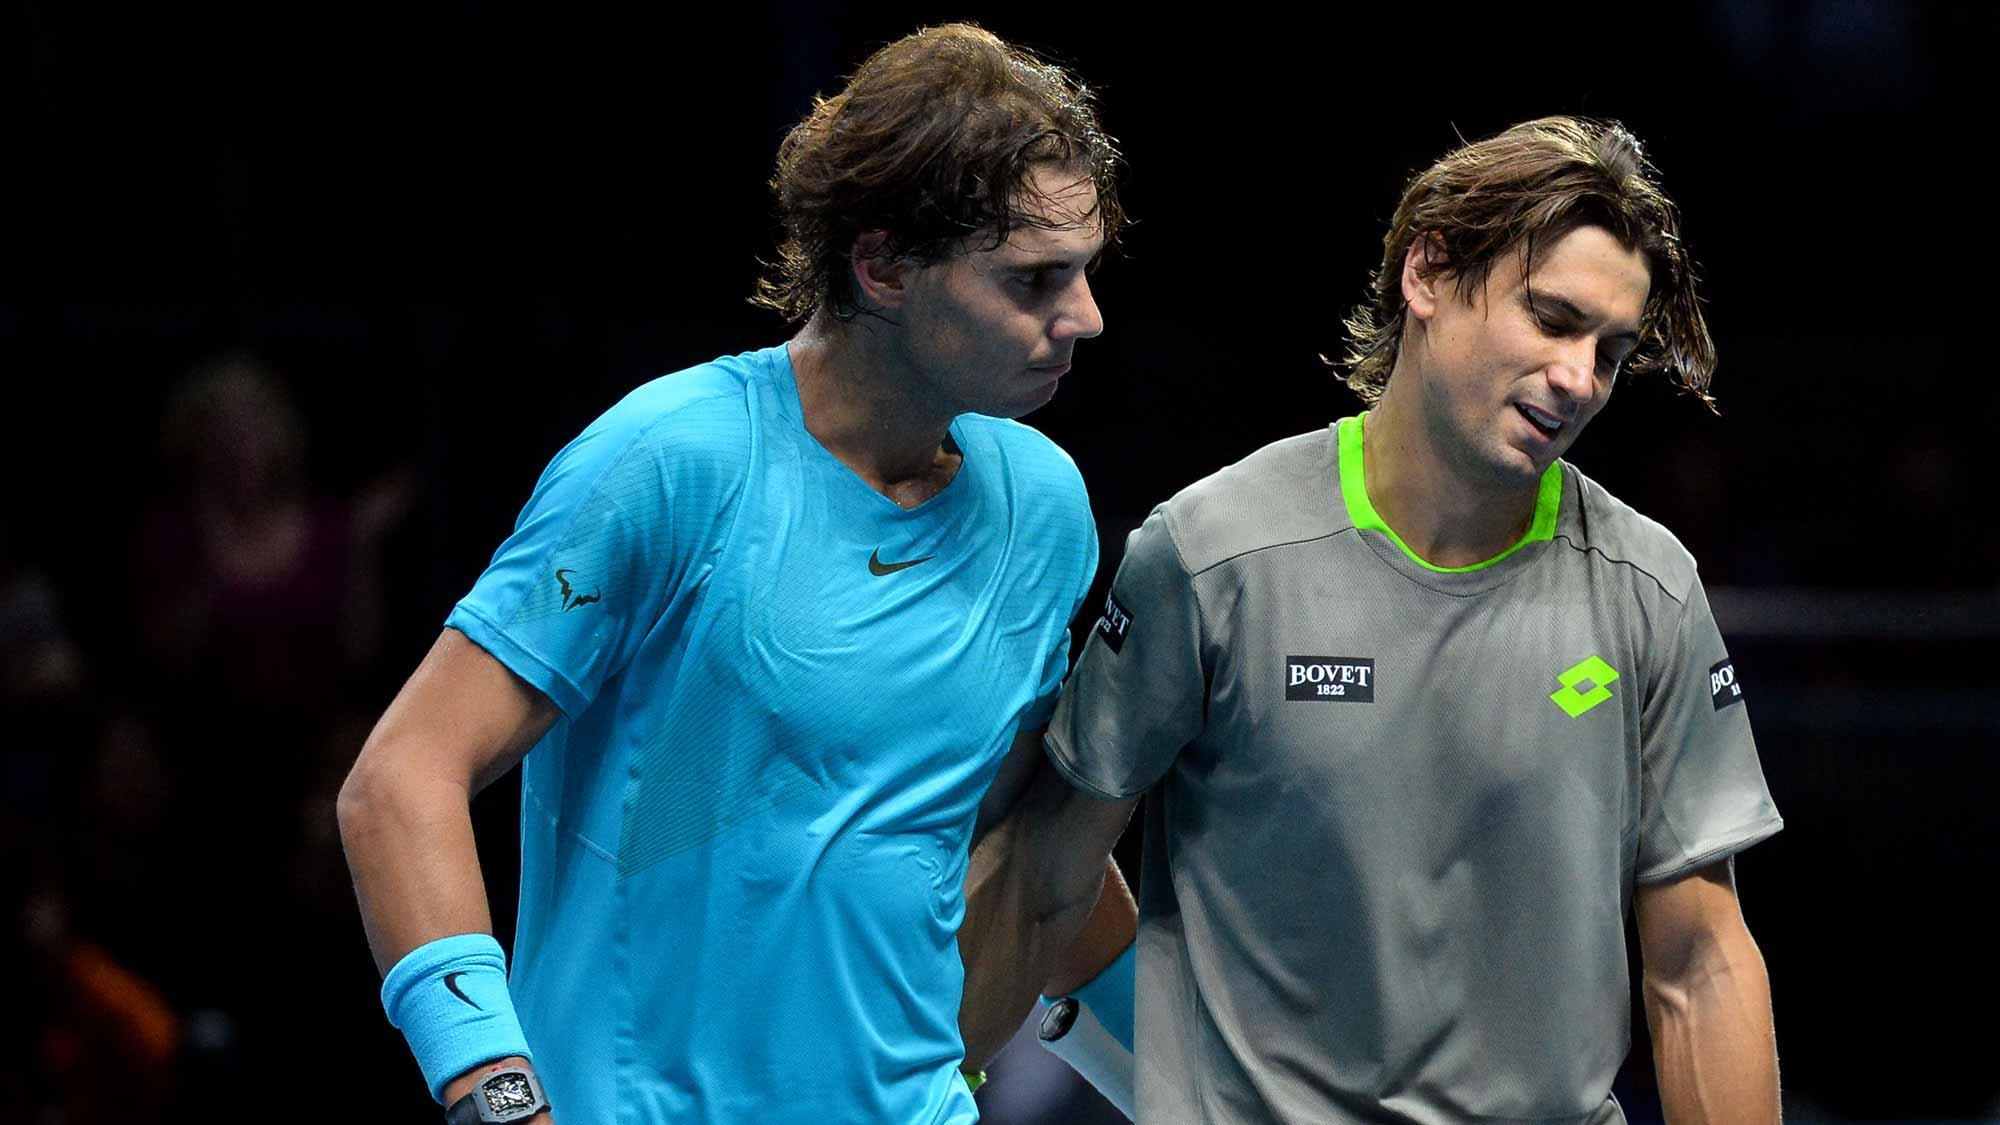 تنیس؛ داوید فرر: نادال قهرمان المپیک می شود